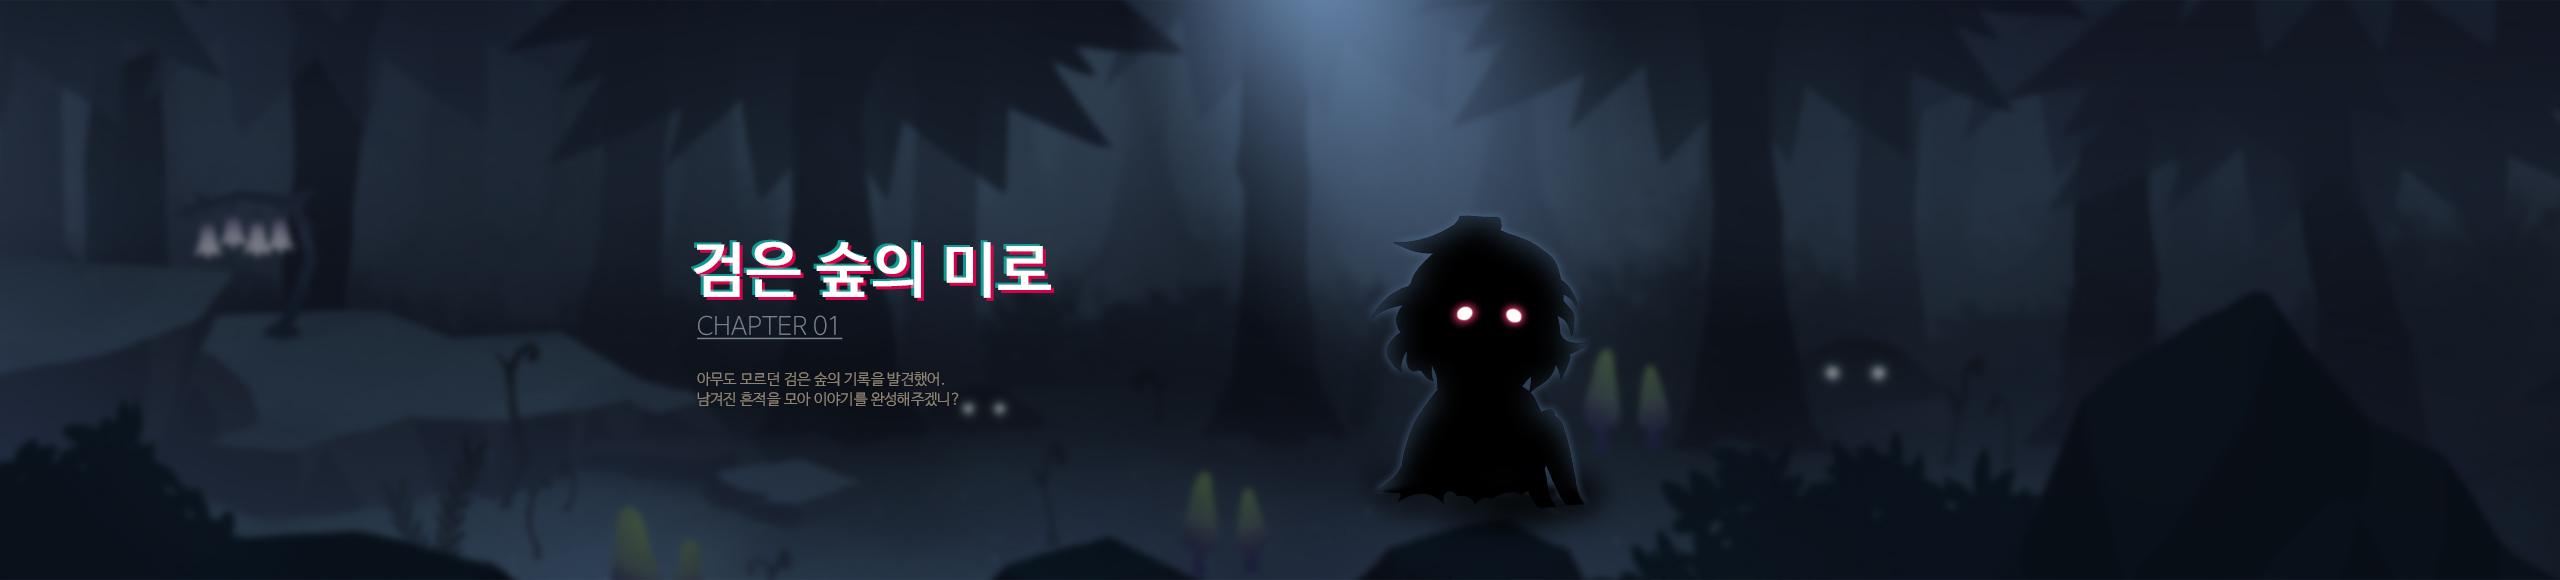 검은 숲의 미로 이동